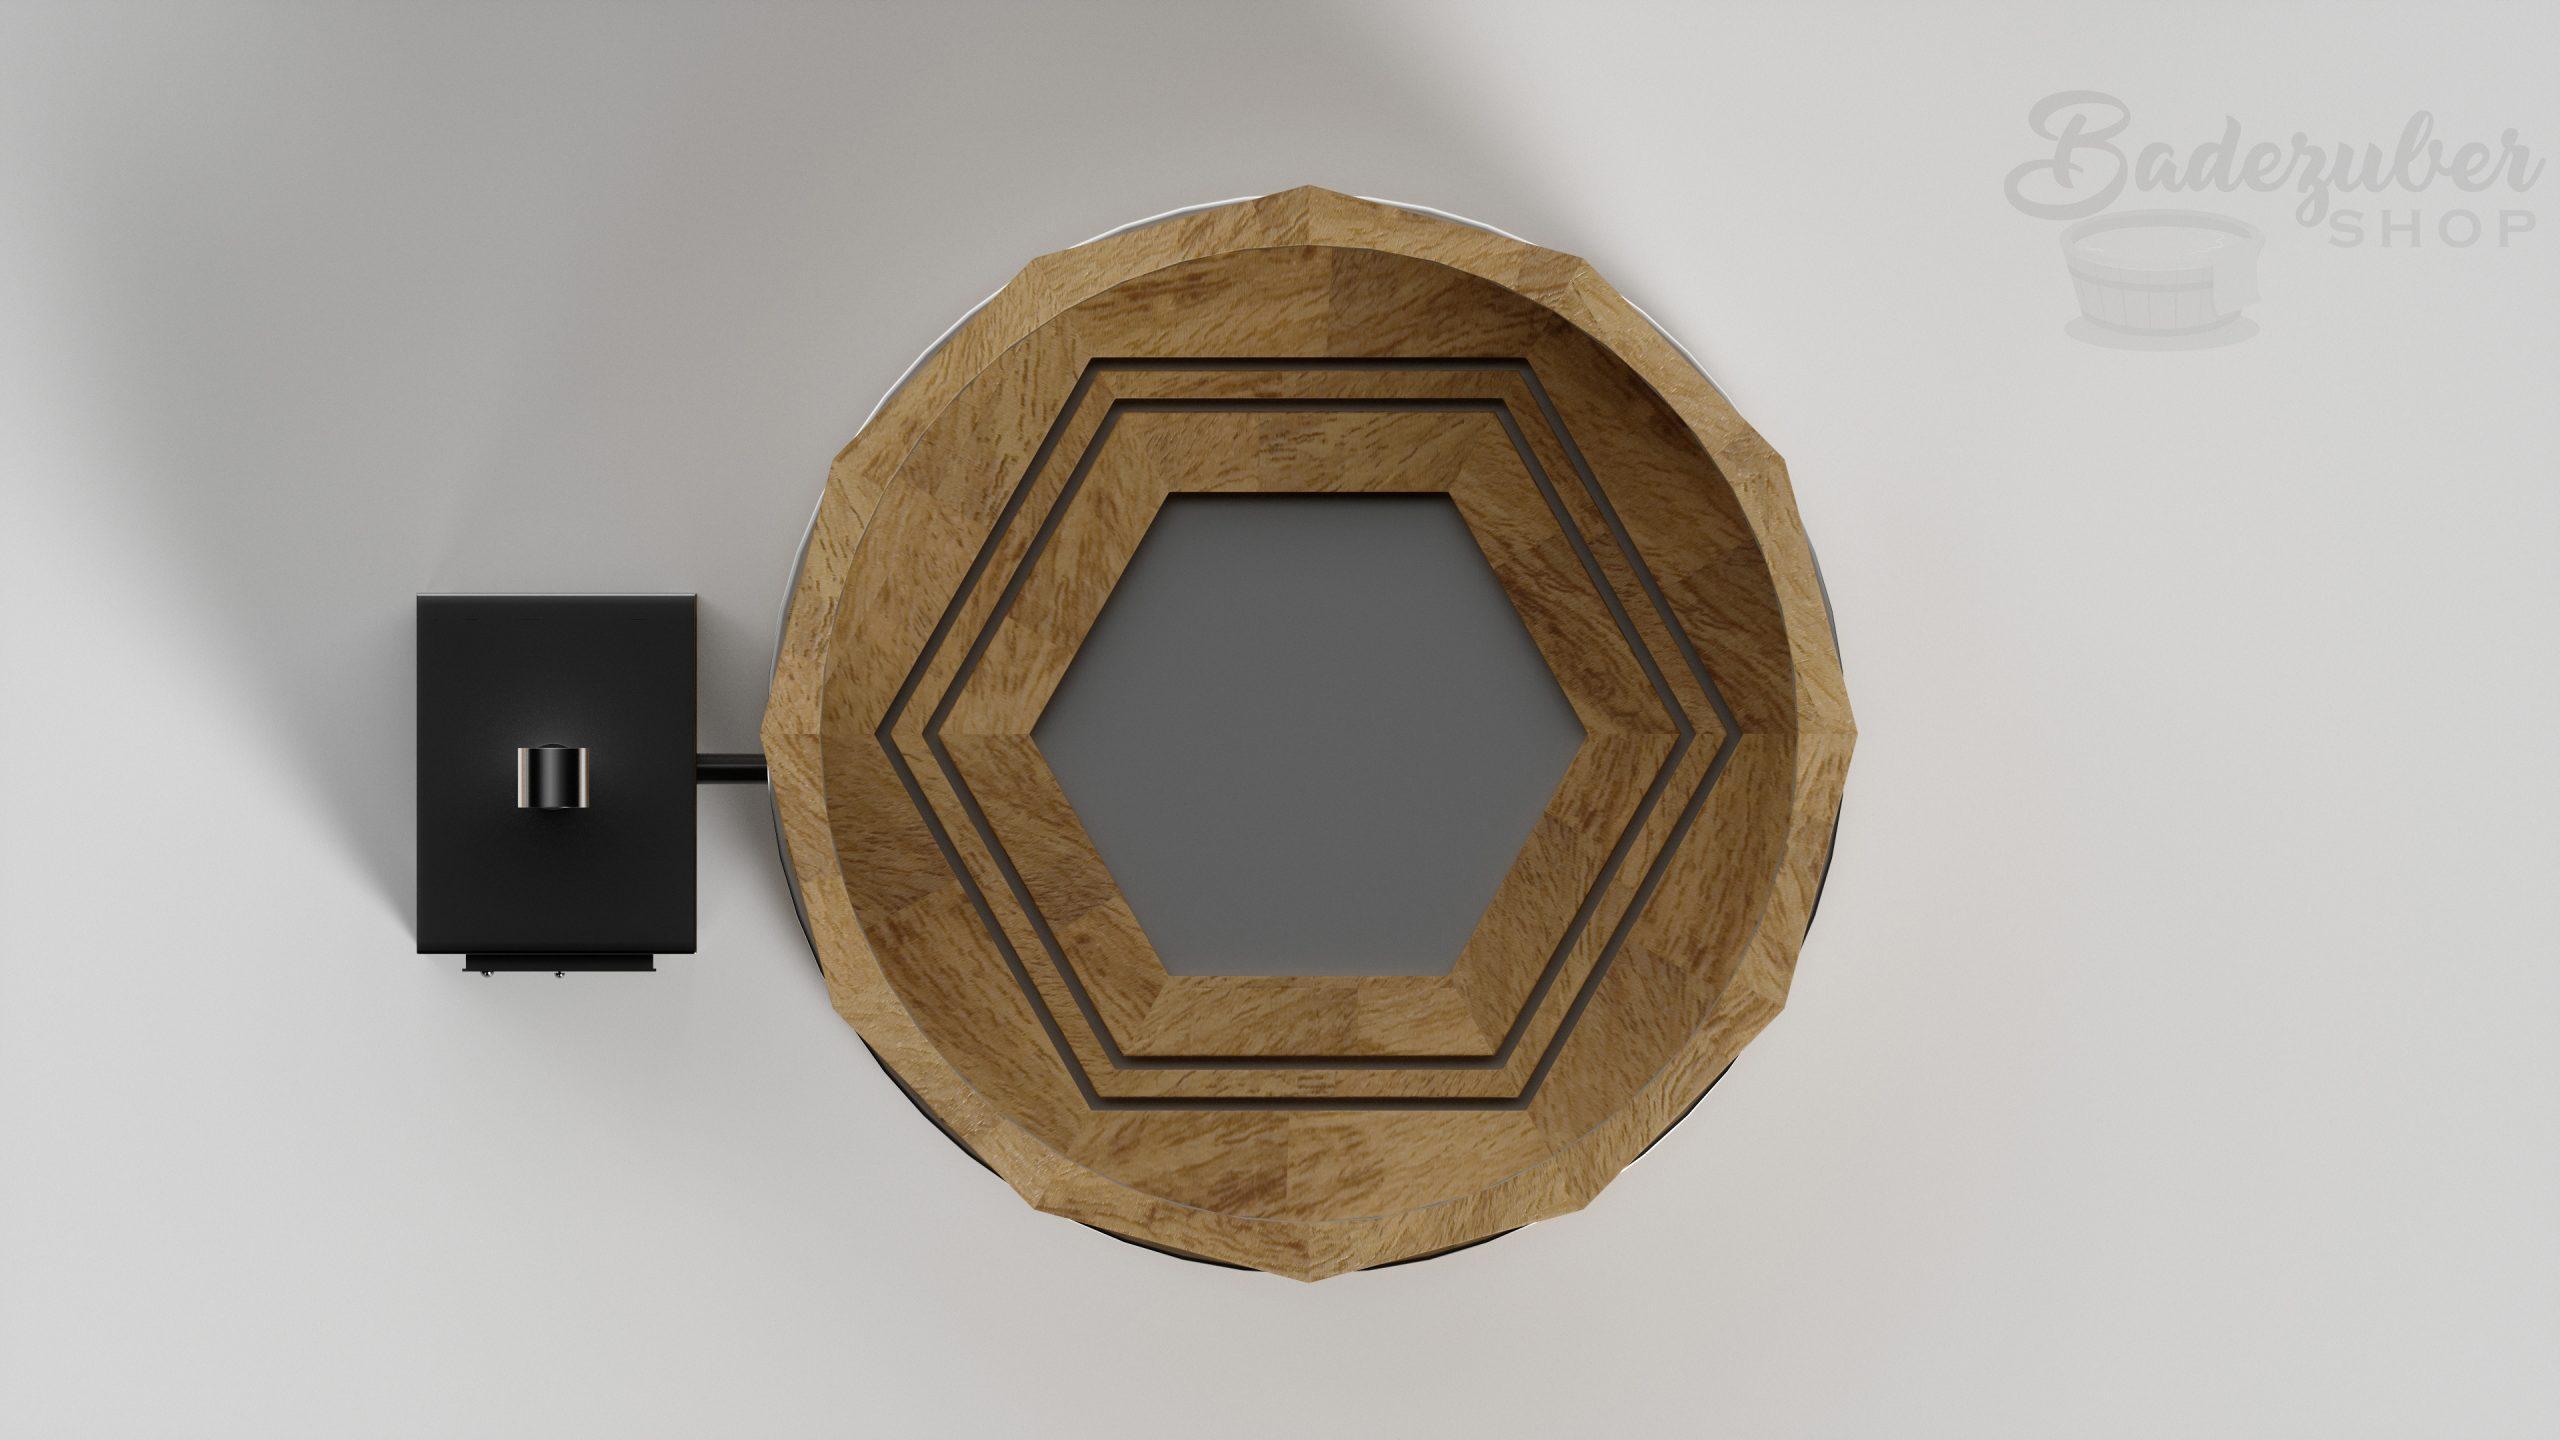 Holz Badefass mit außen Ofen - Produktbild Draufsicht